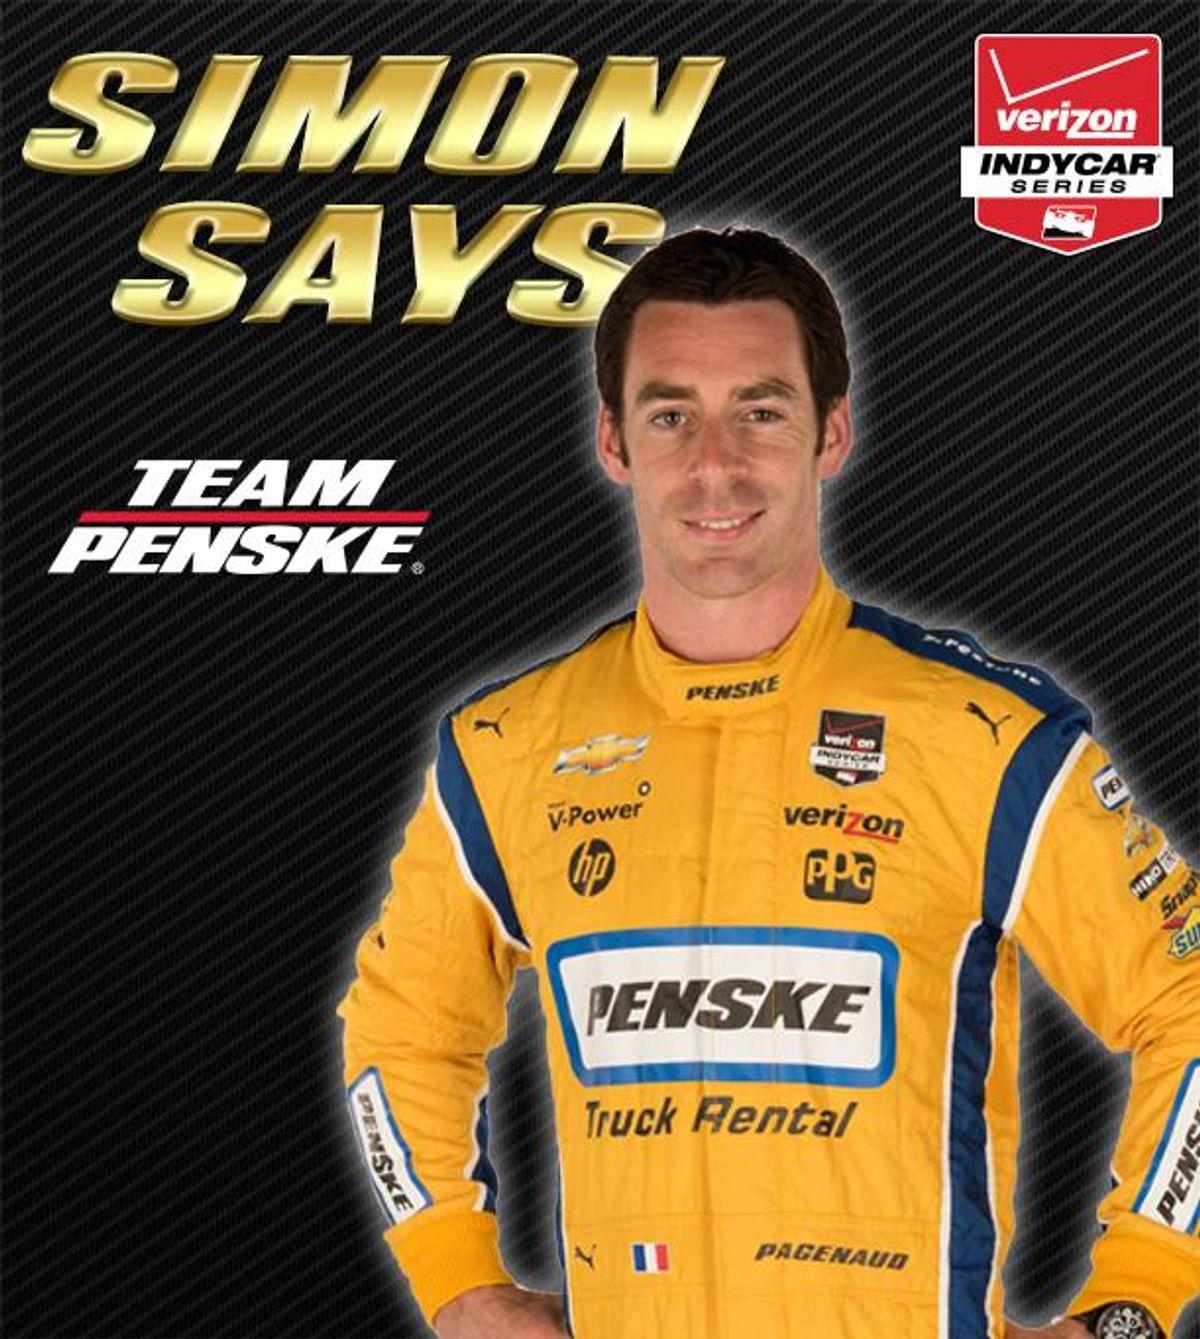 Simon Pagenaud Racing in Penske Truck Rental IndyCar in 2015